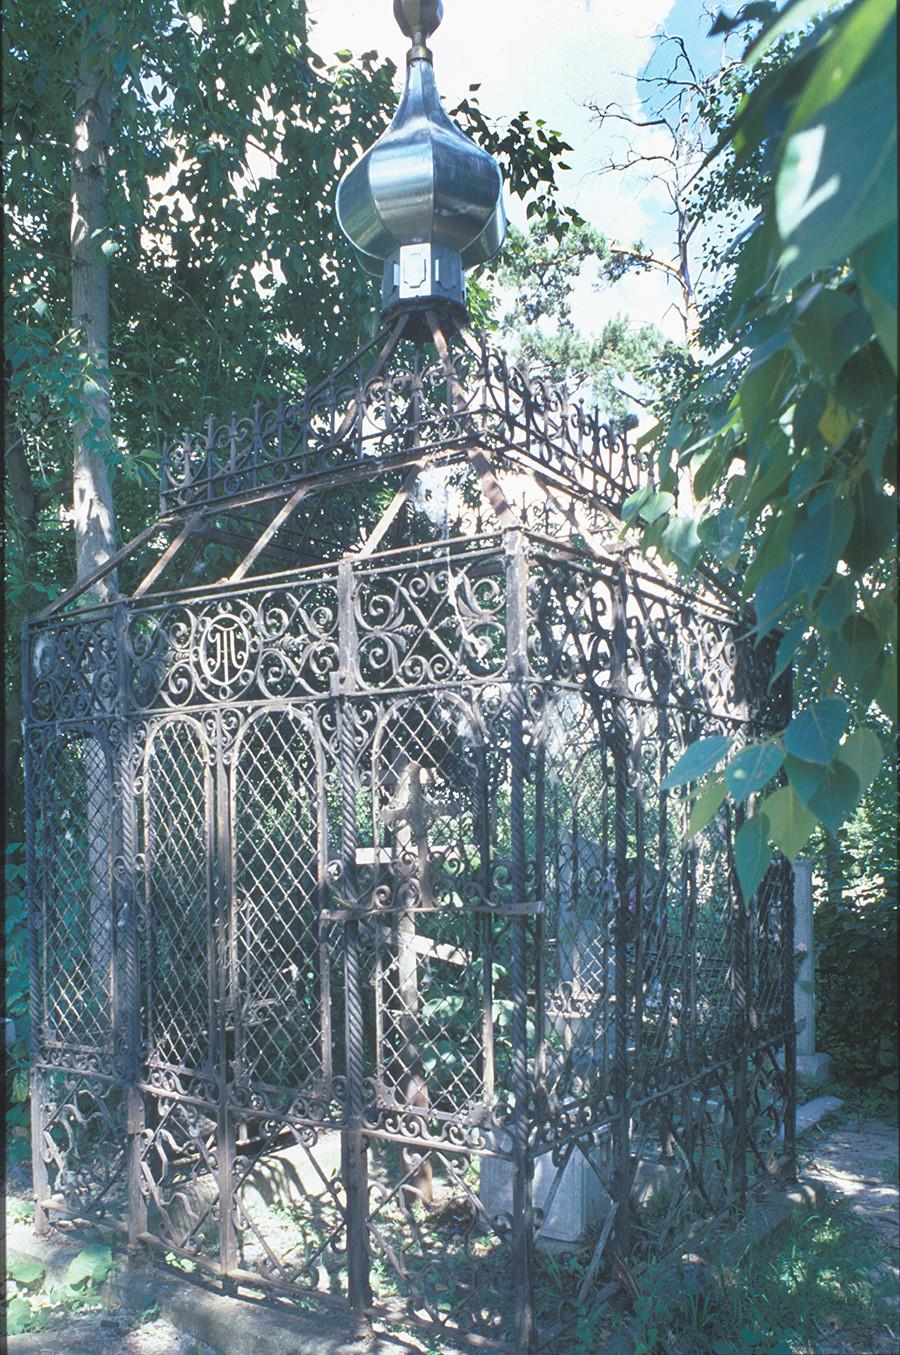 Cementerio de Kasli. Terrenos para la sepultura acotados con una obra de hierro decorativo de Kasli. 14 de julio de 2003.